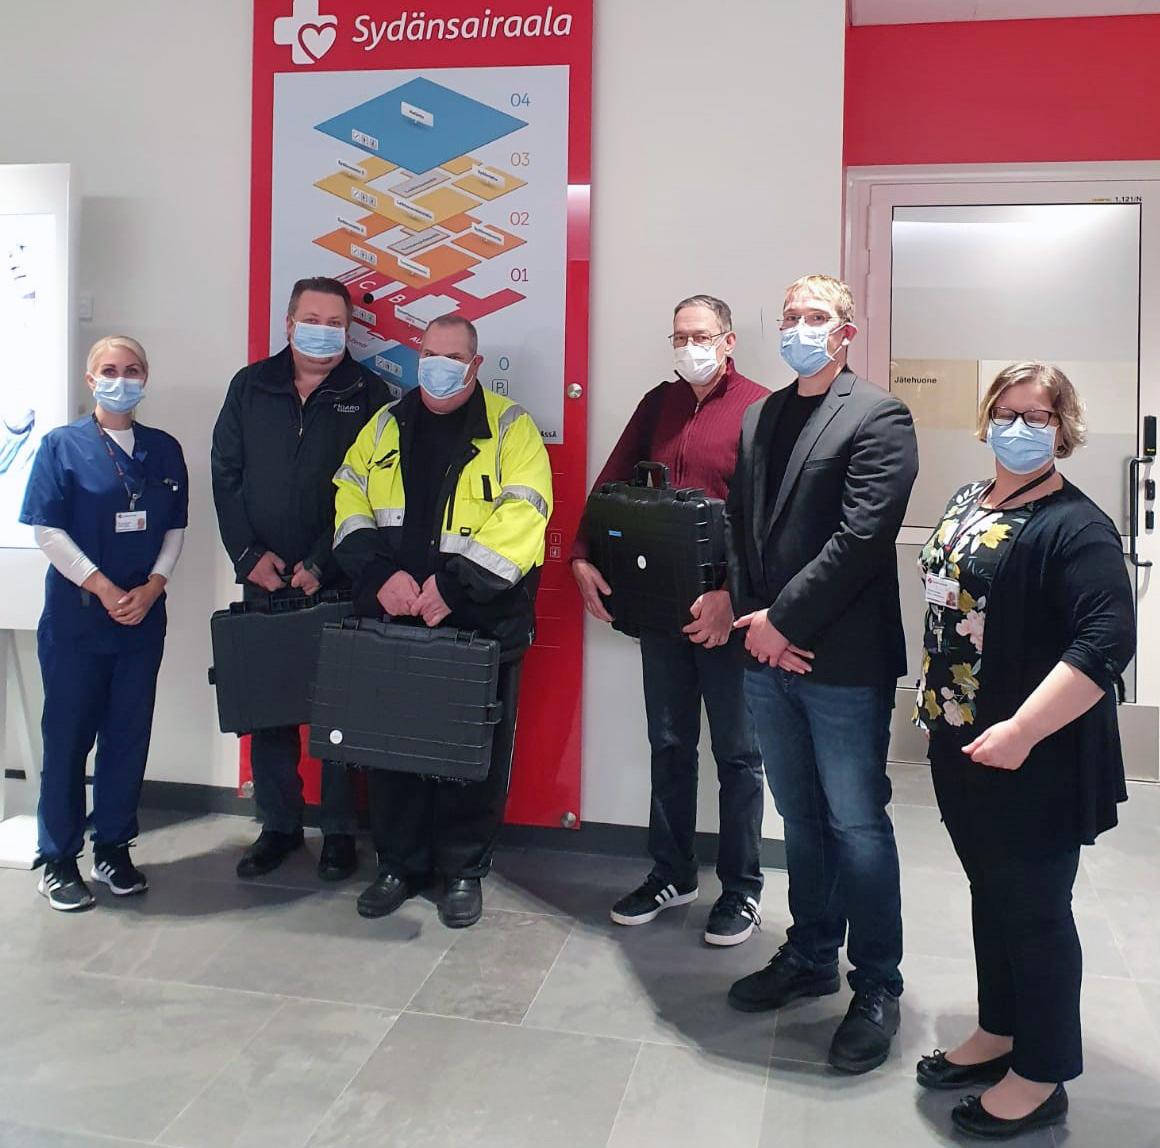 Ryhmäkuvassa Sydänsairaalan sairaanhoitaja, kehitysjohtaja ja projektipäällikkö sekä kolme asiakasta